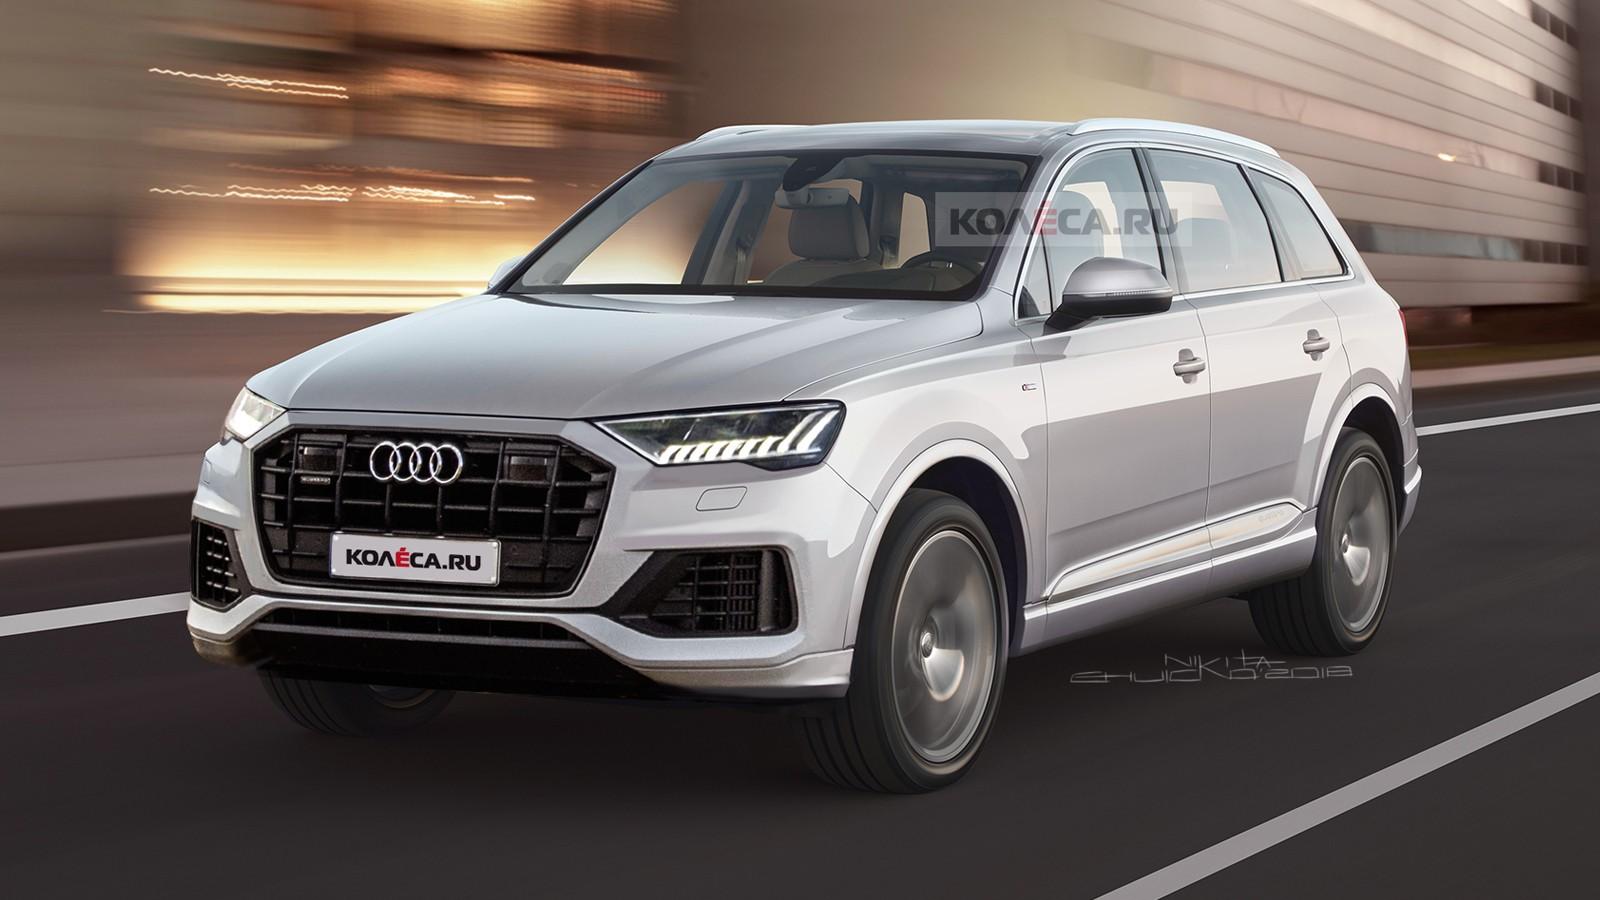 Audi Q7 front1